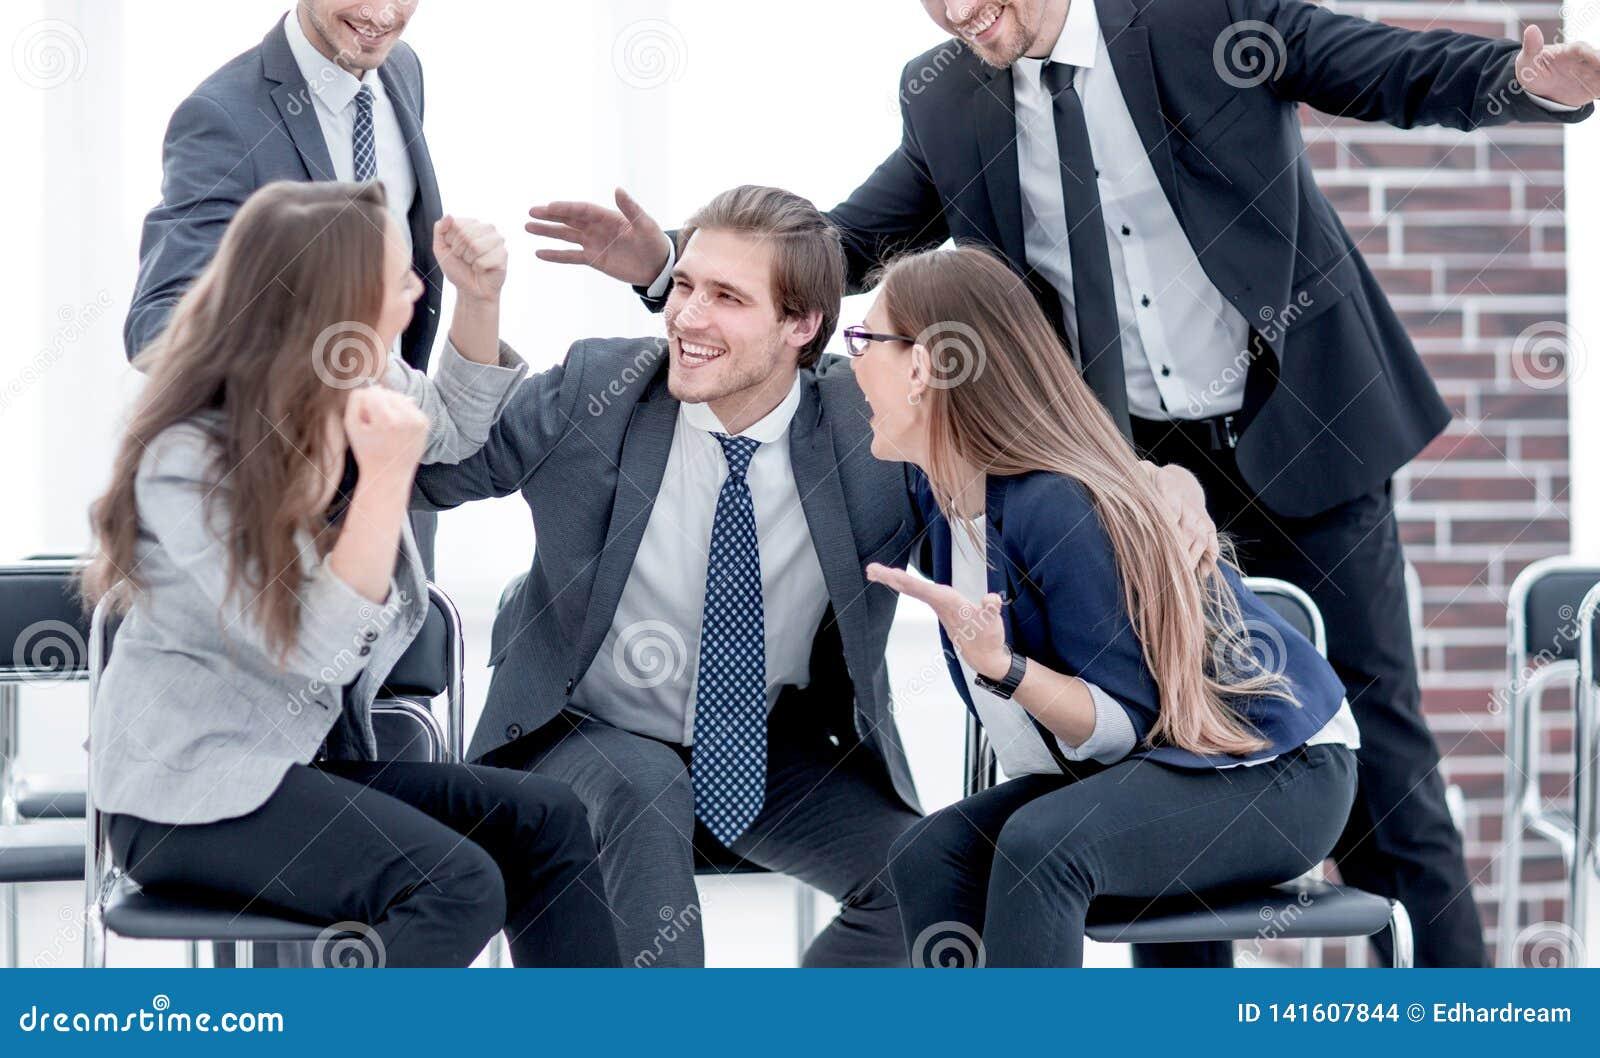 Los hombres de negocios se saludan